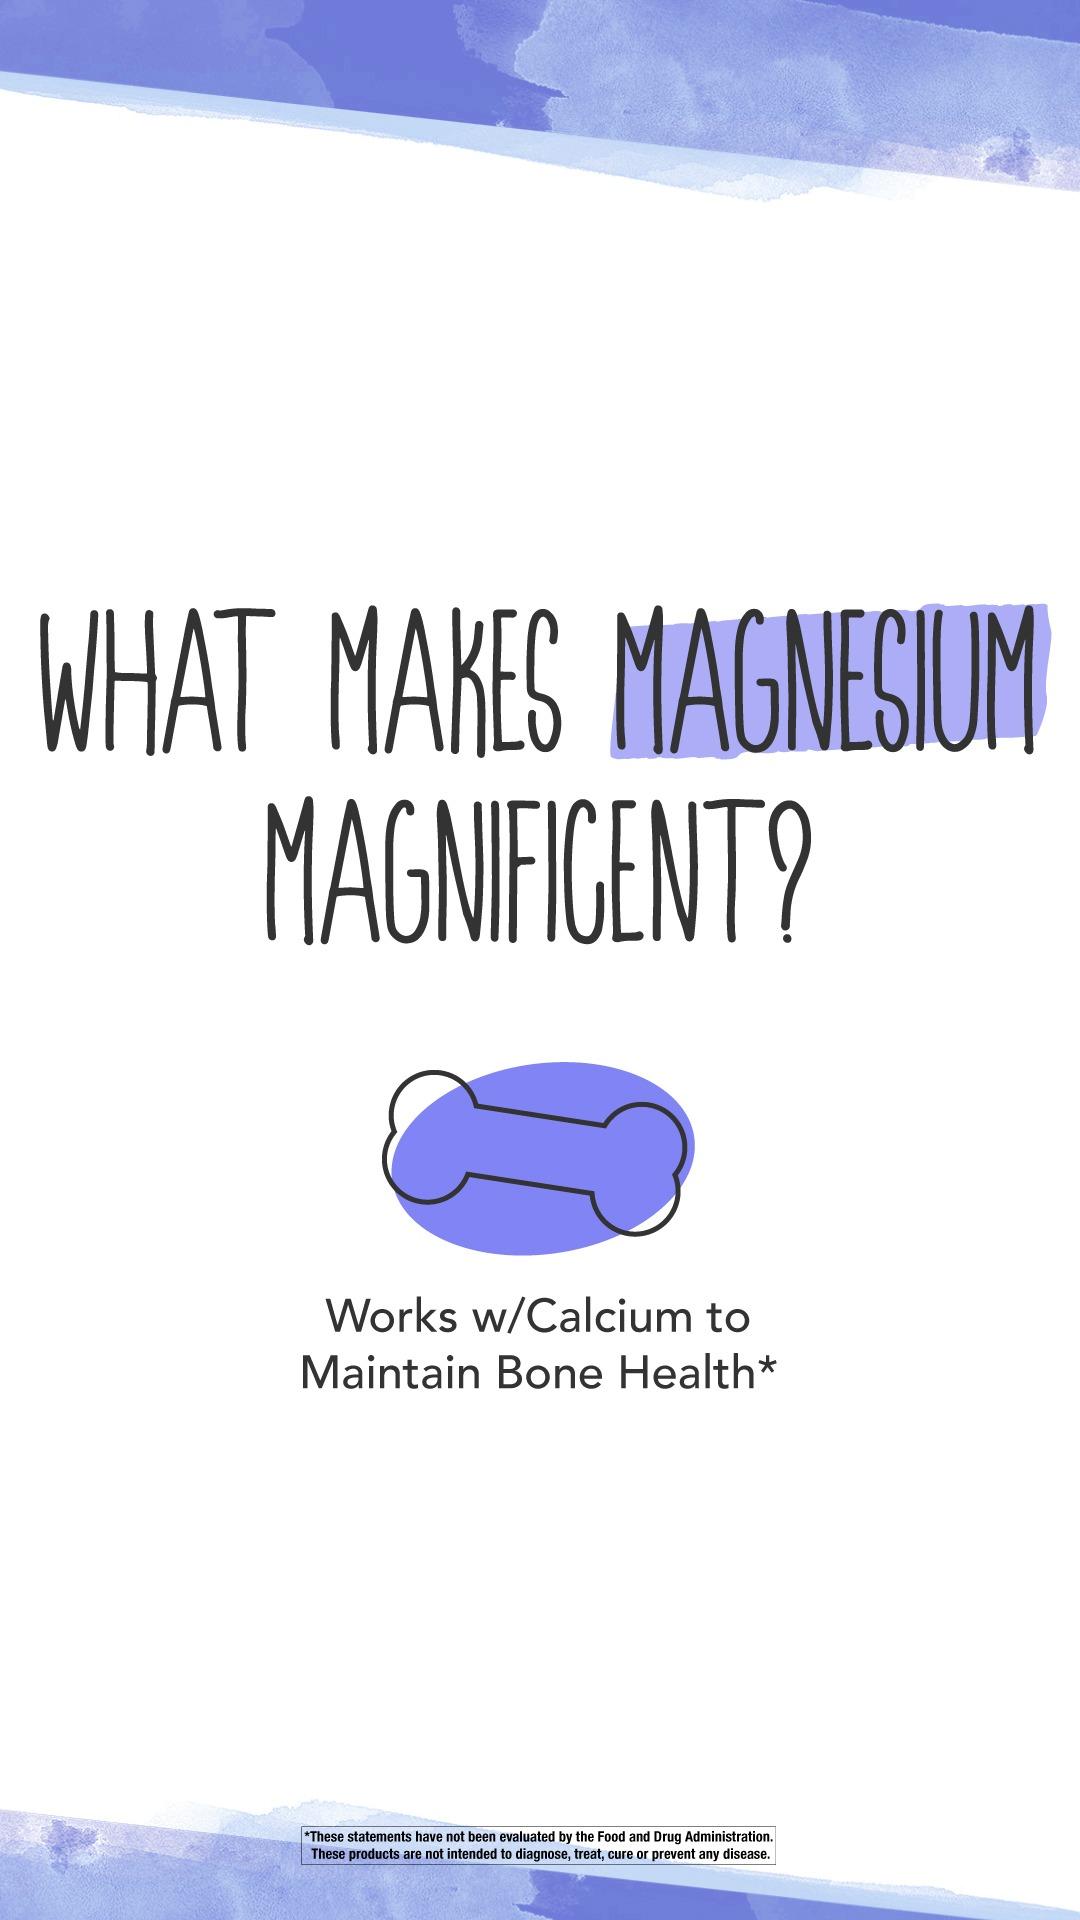 Magnesium is Magnificent